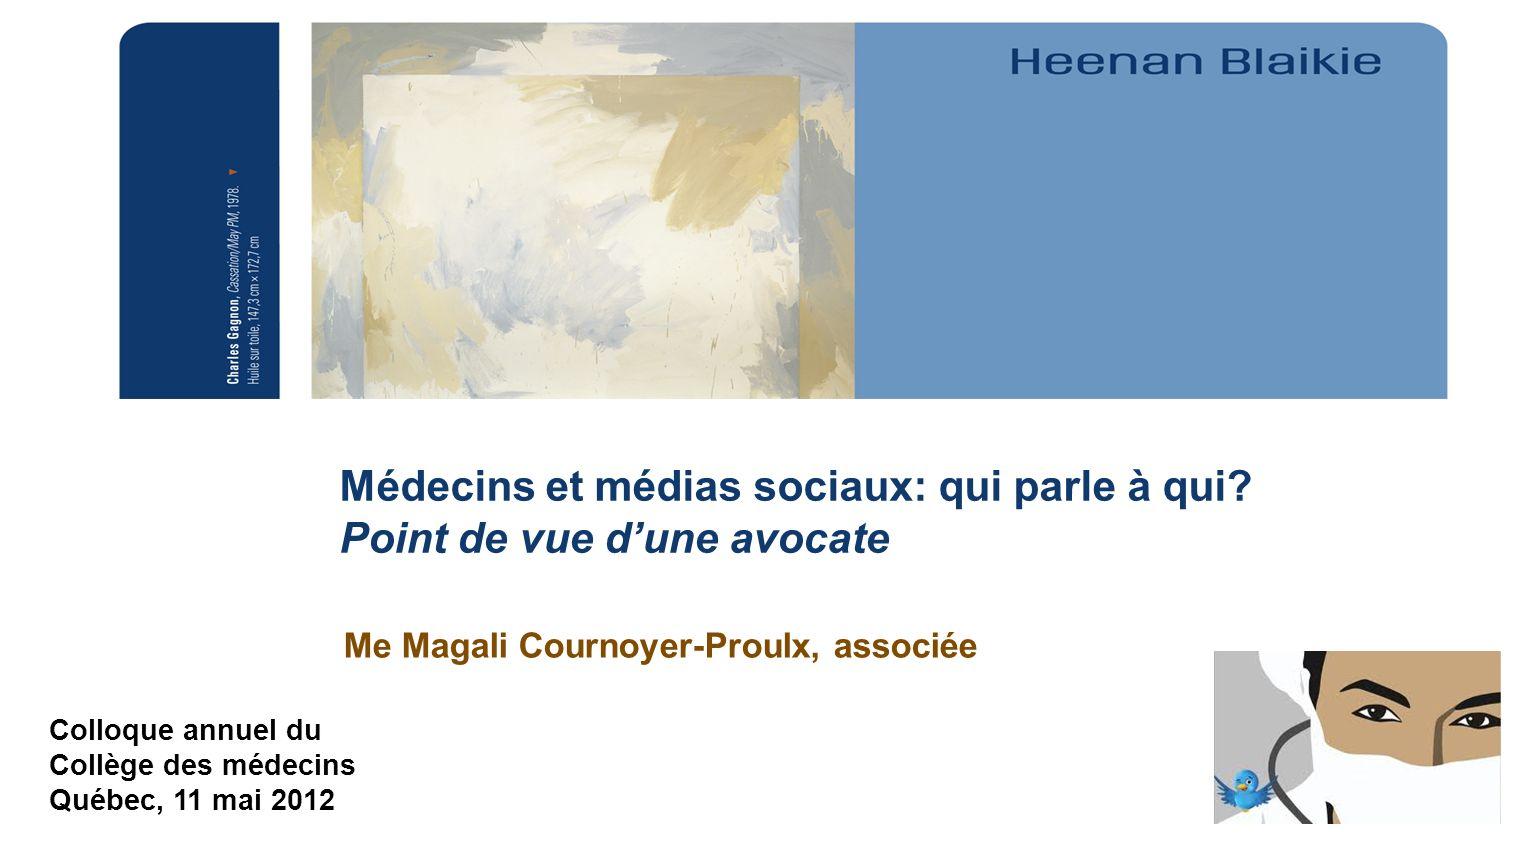 Me Magali Cournoyer-Proulx, associée Colloque annuel du Collège des médecins Québec, 11 mai 2012 Médecins et médias sociaux: qui parle à qui? Point de